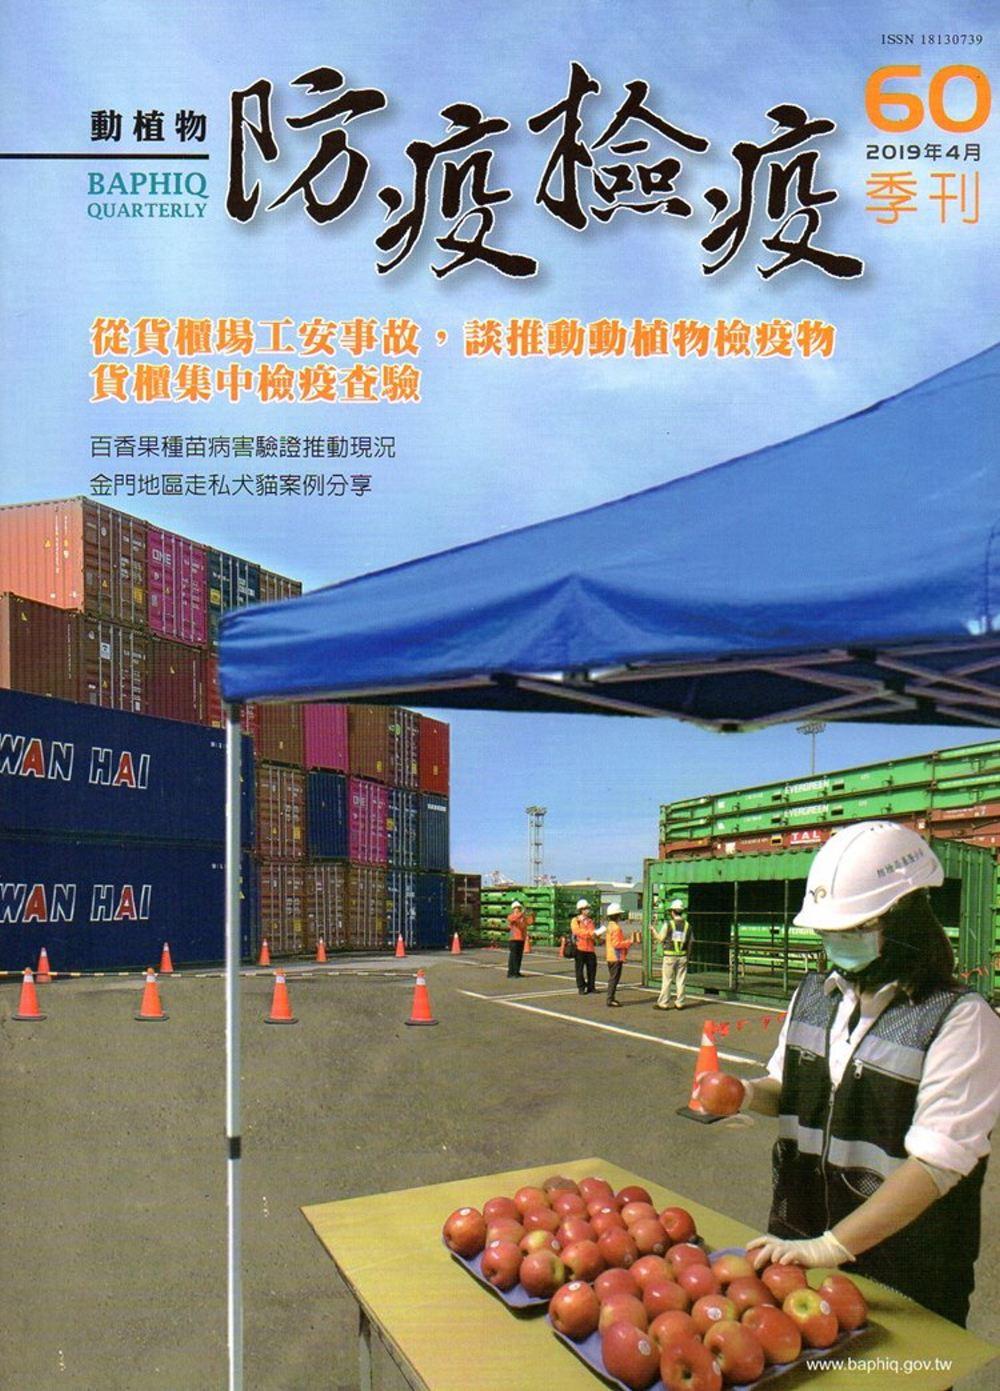 動植物防疫檢疫季刊第60期(108.04)